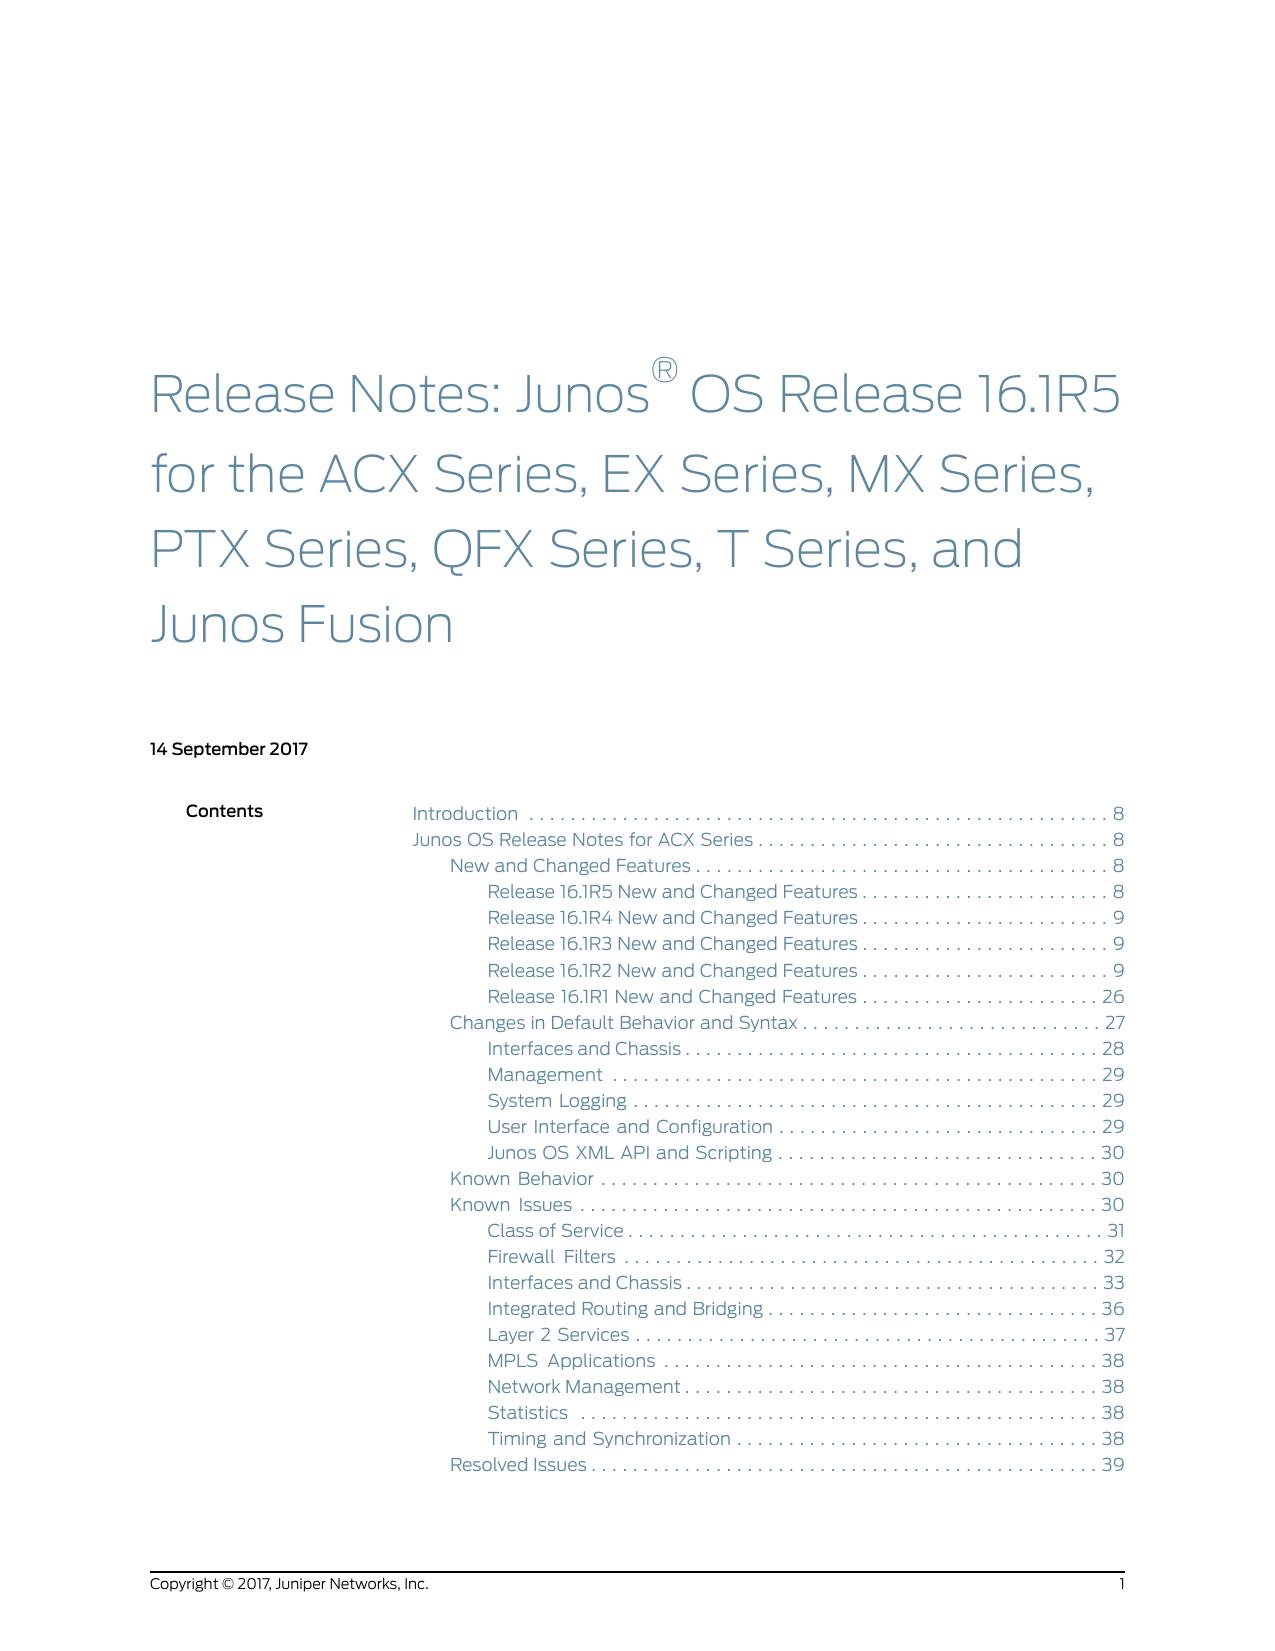 Release Notes - Juniper Networks   manualzz com